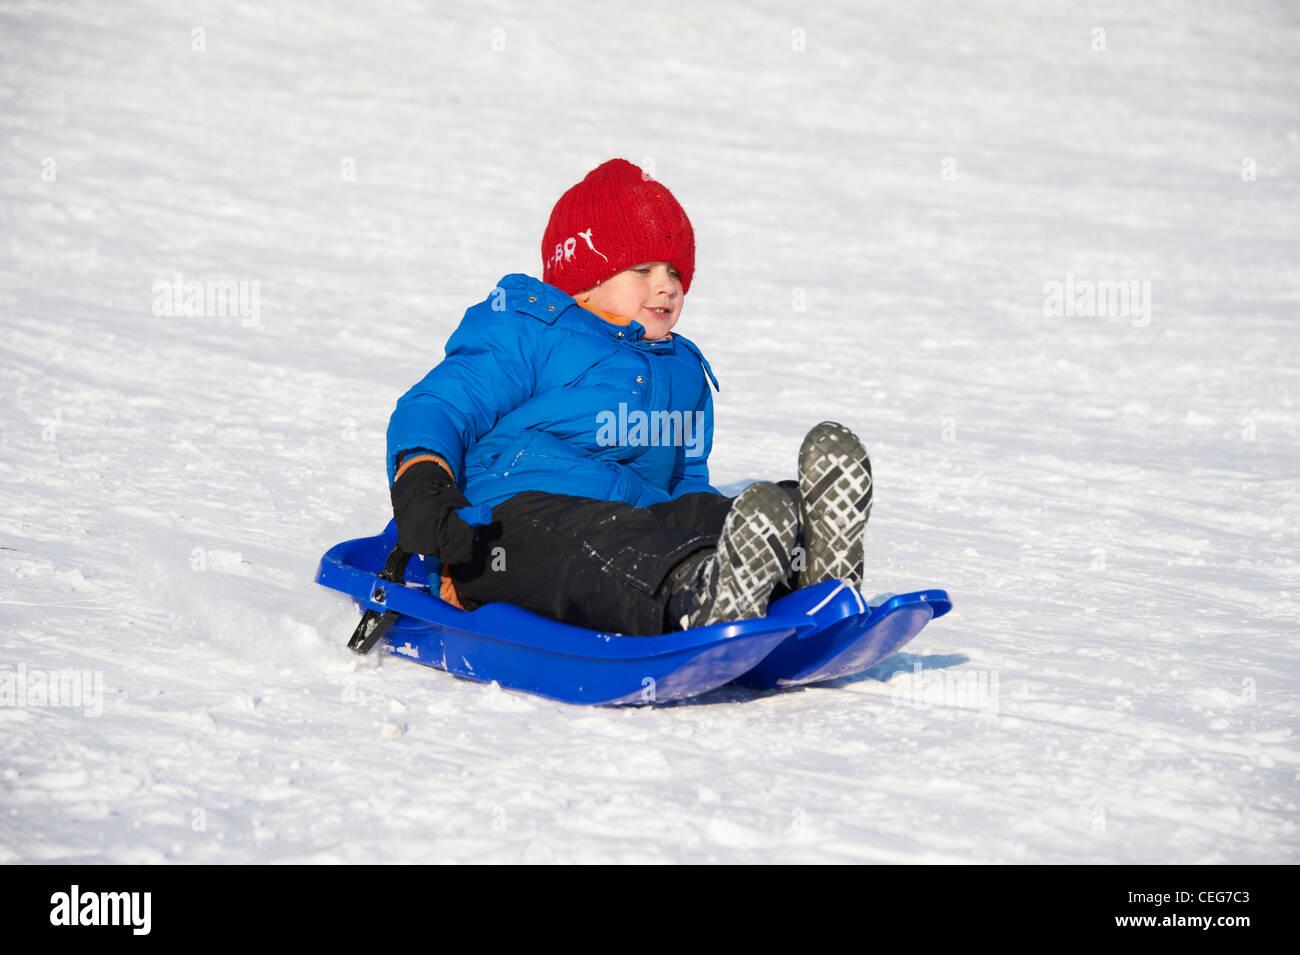 e607177e8 A child little boy sledding downhill winter Stock Photo: 43382979 ...